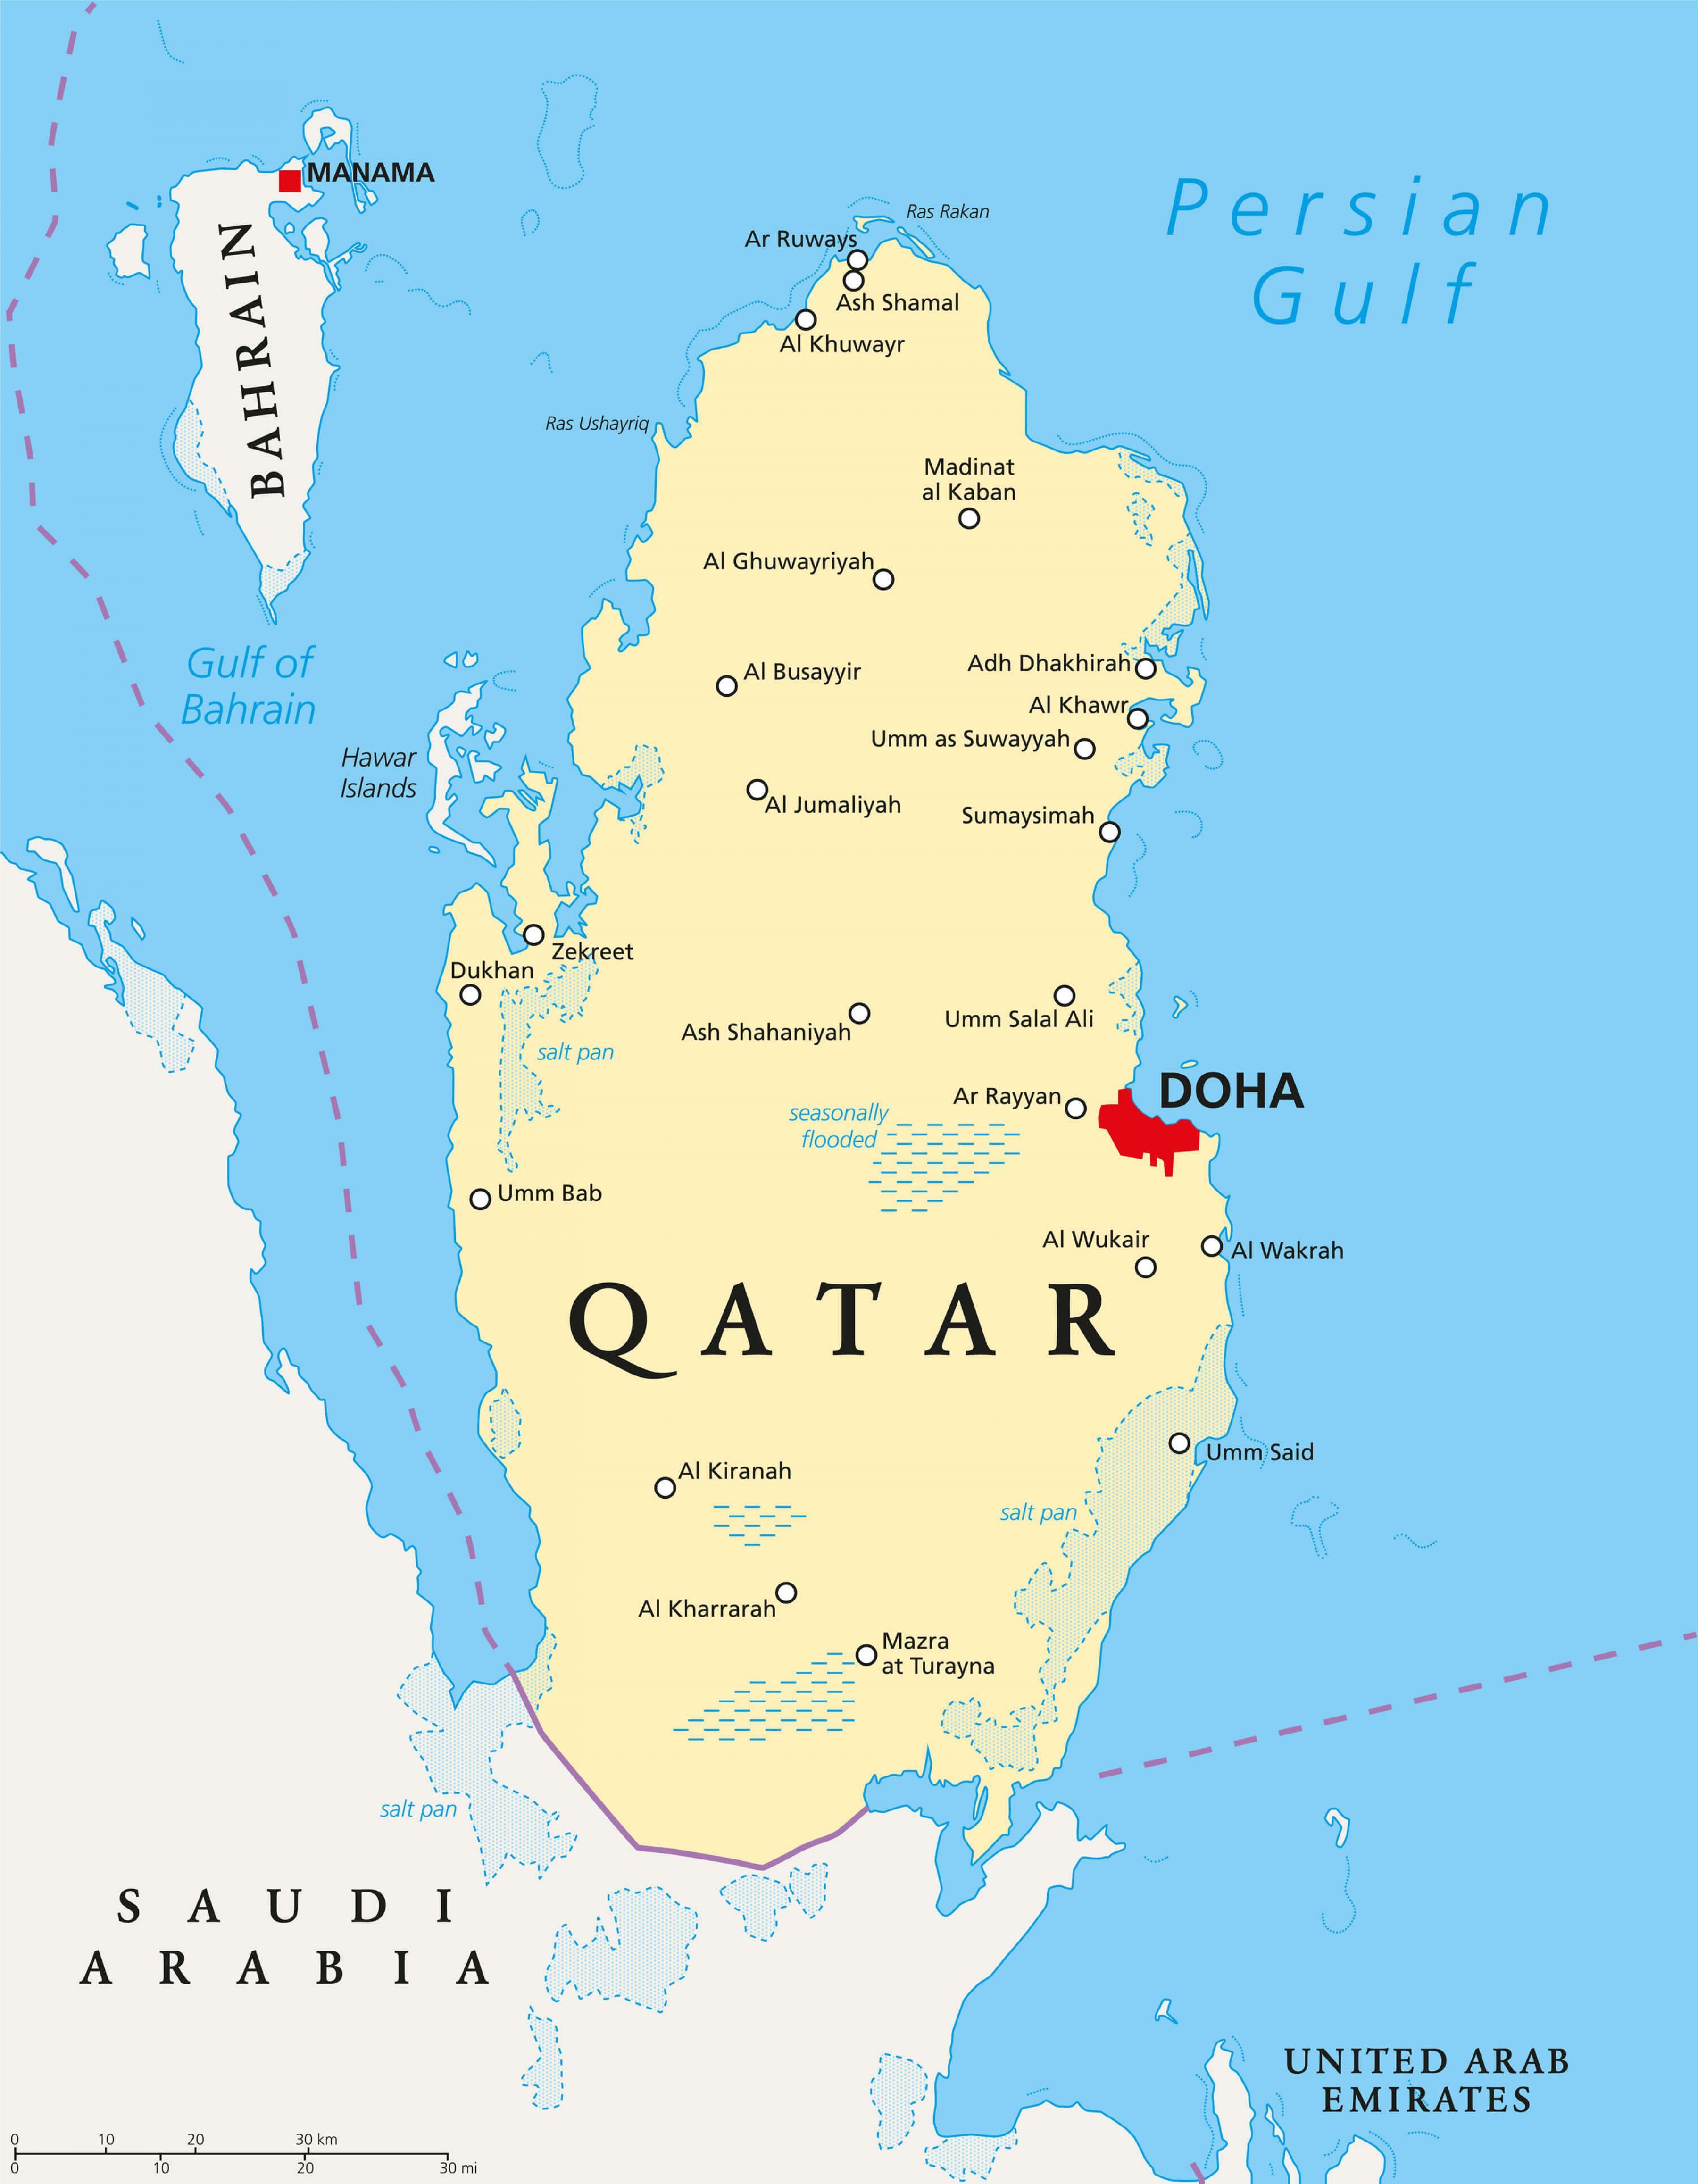 Katar Stadte Anzeigen Qatar Landkarte Mit Stadten West Asien